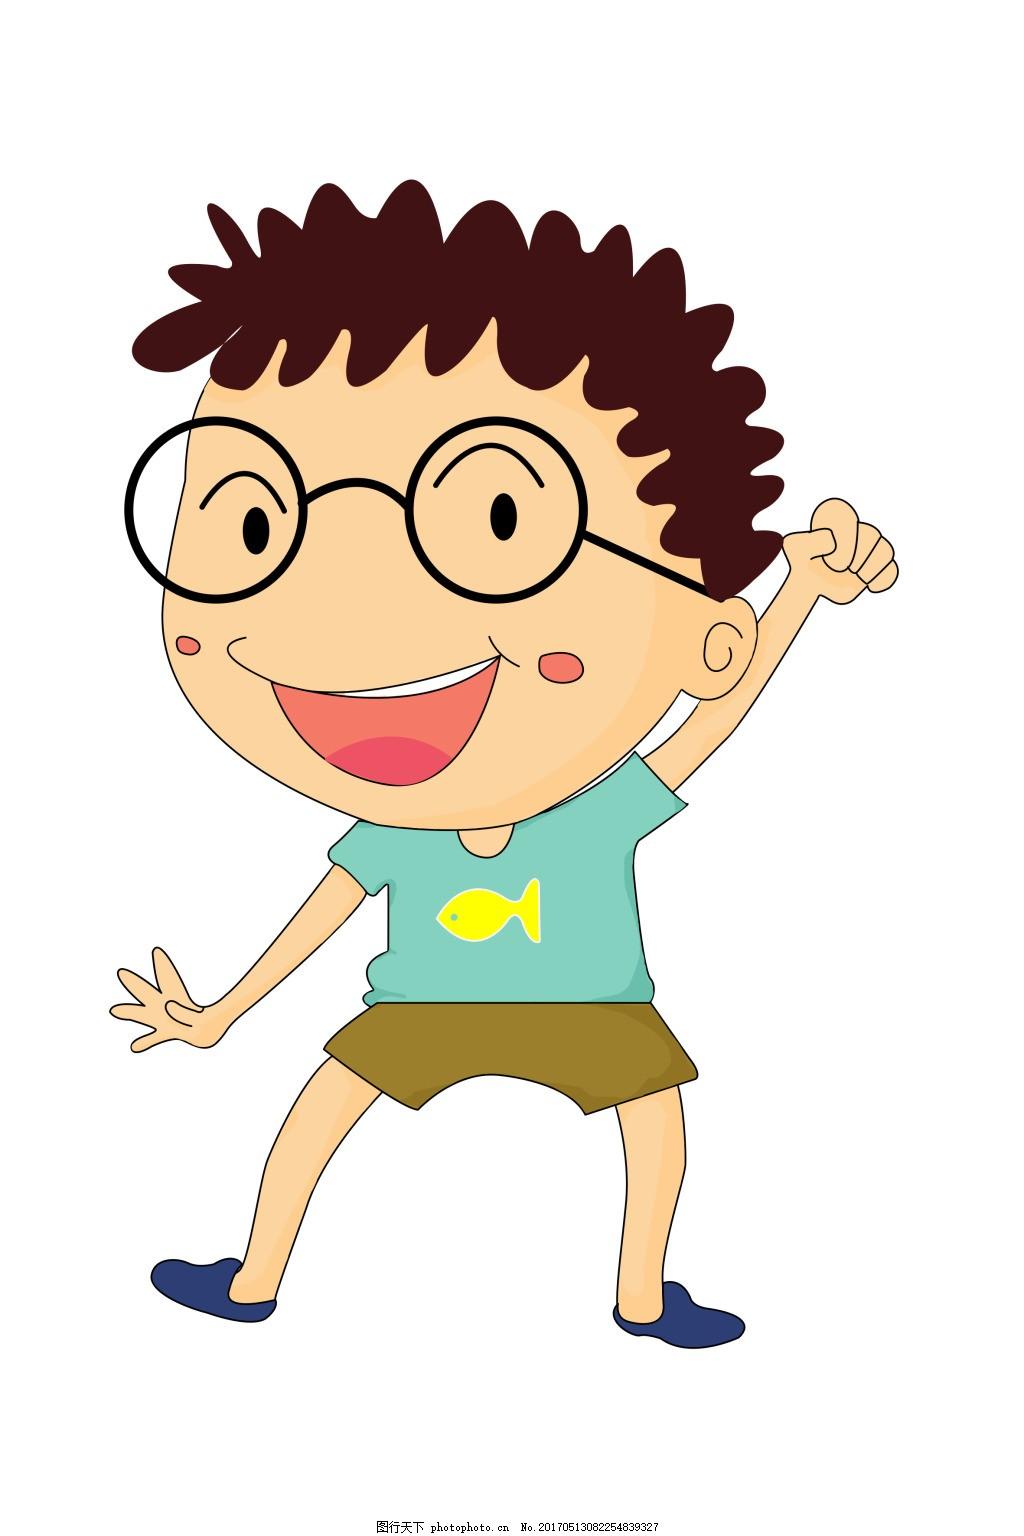 儿童节小男孩 六一 儿童节 小男孩 戴眼镜的小男孩 卡通小孩子 儿童节